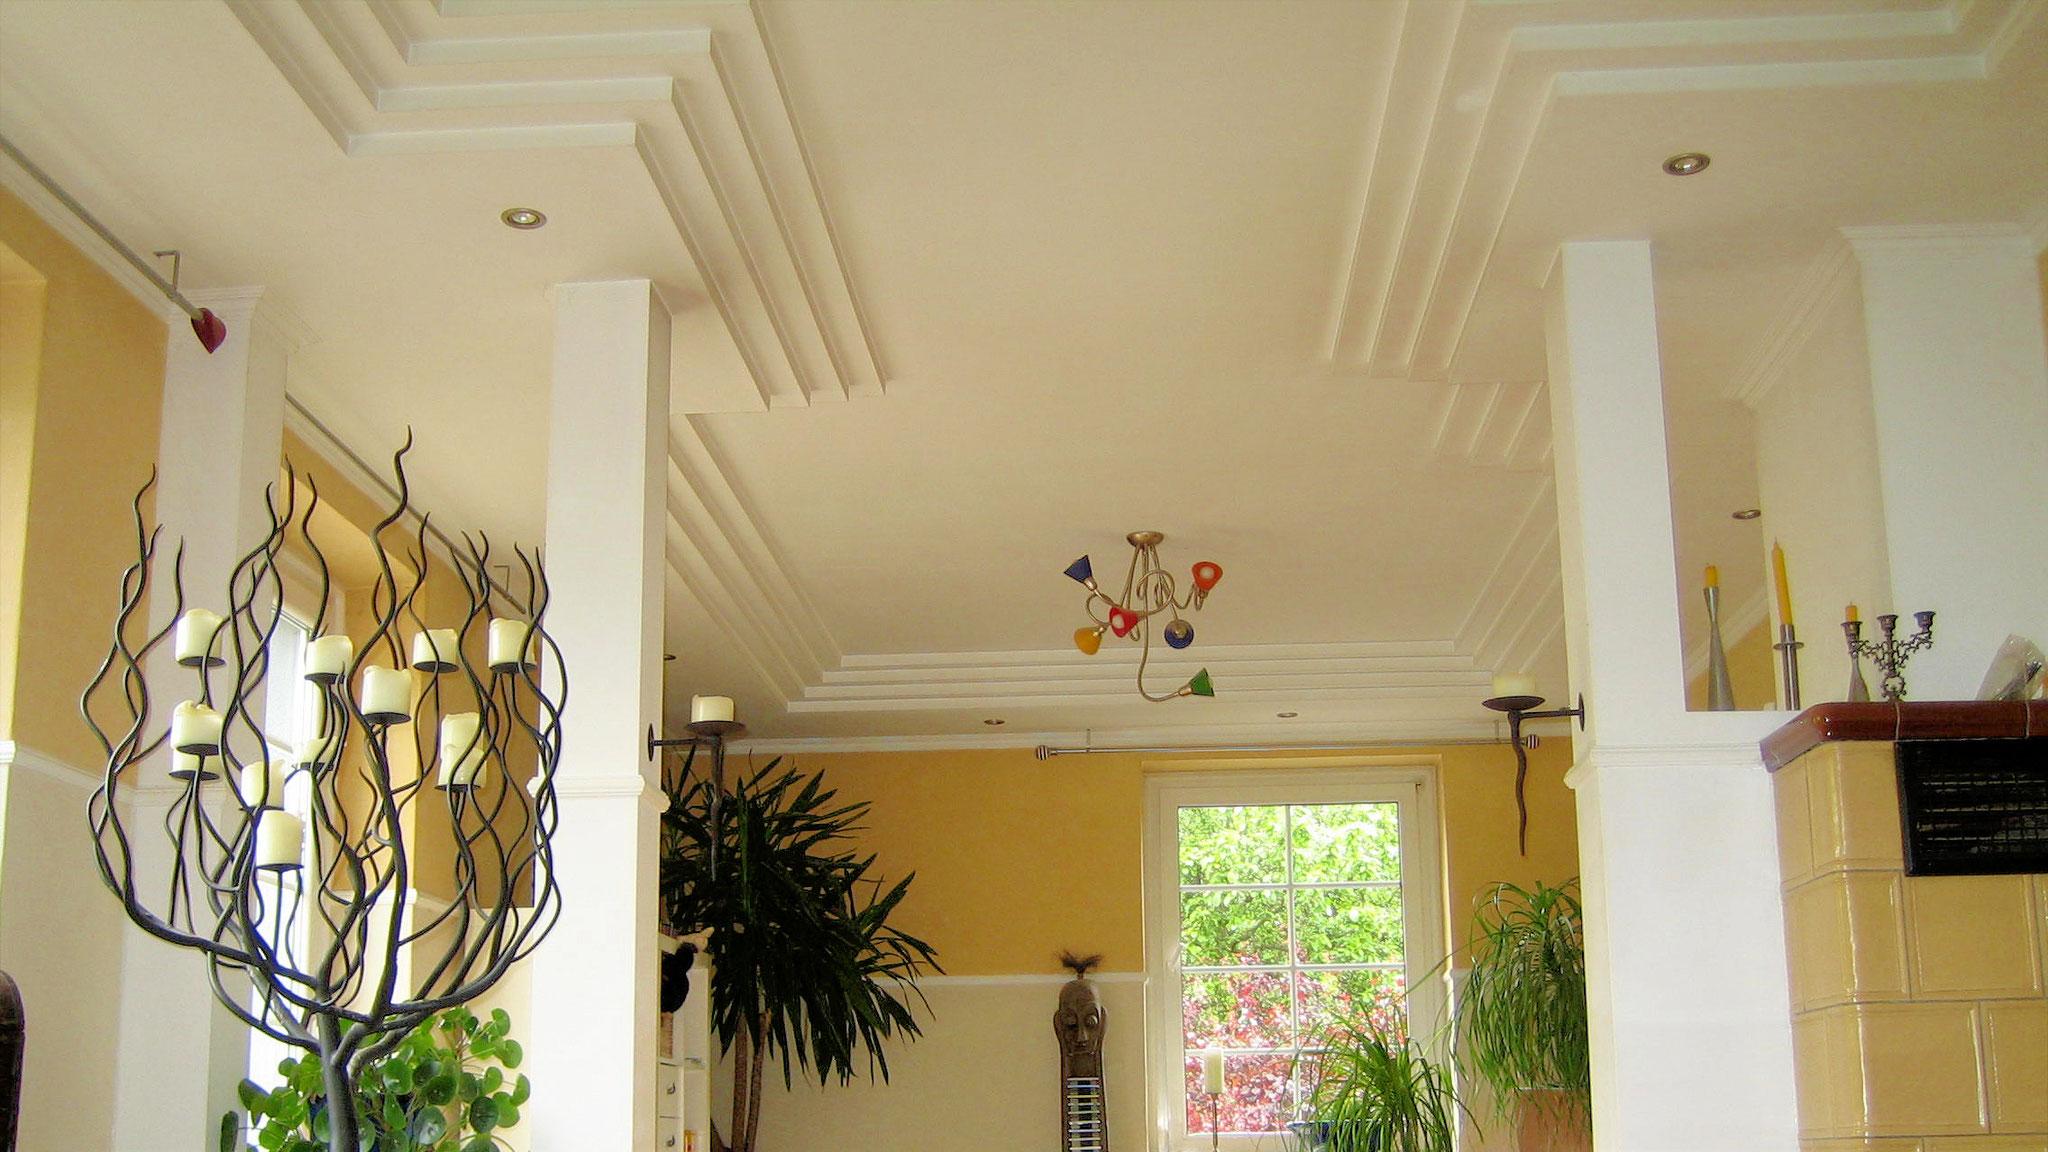 Altbausanierung Privatkunde: Wohnzimmer-Decke mit Formteilen und Beleutung, Dekorputz an Wänden, Trockenbau-, Putz und Malerarbeiten